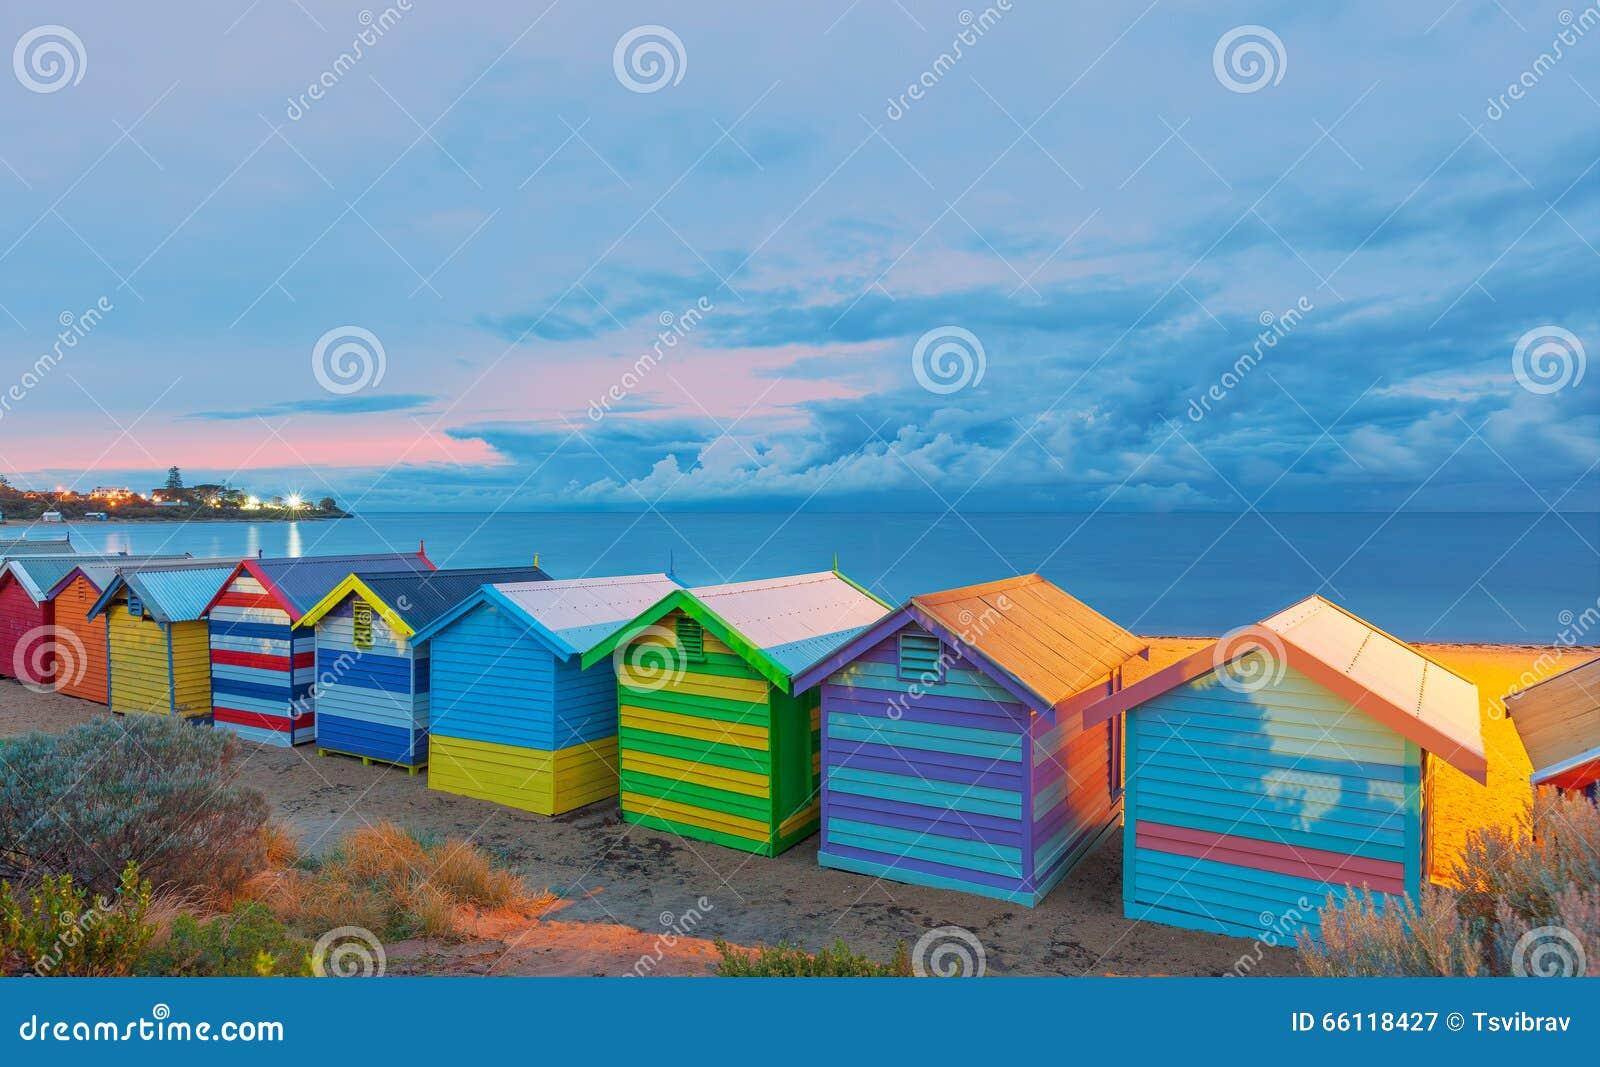 Brighton beach houses Australia